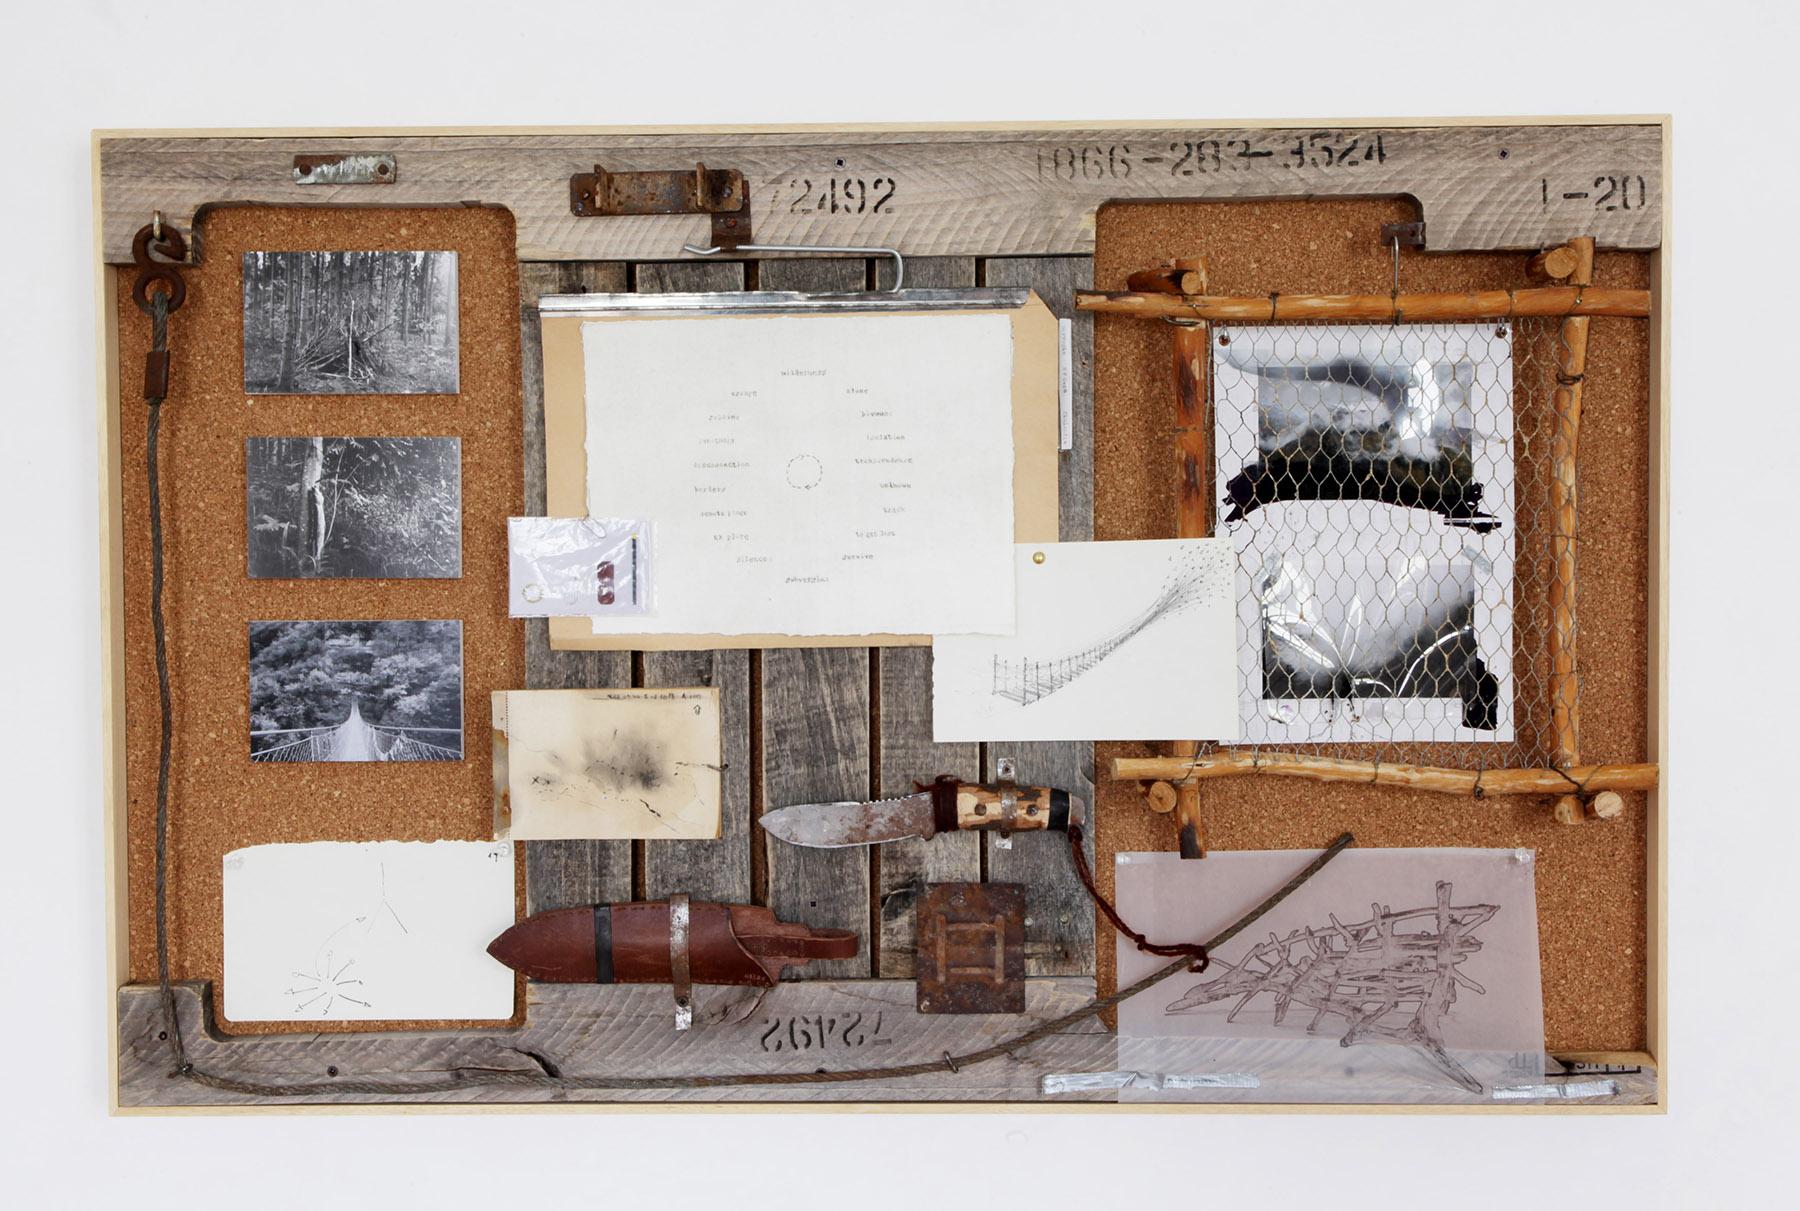 Daniele Girardi, 2021, Reiduo Arcaico 3, opera arte, art work, artist,